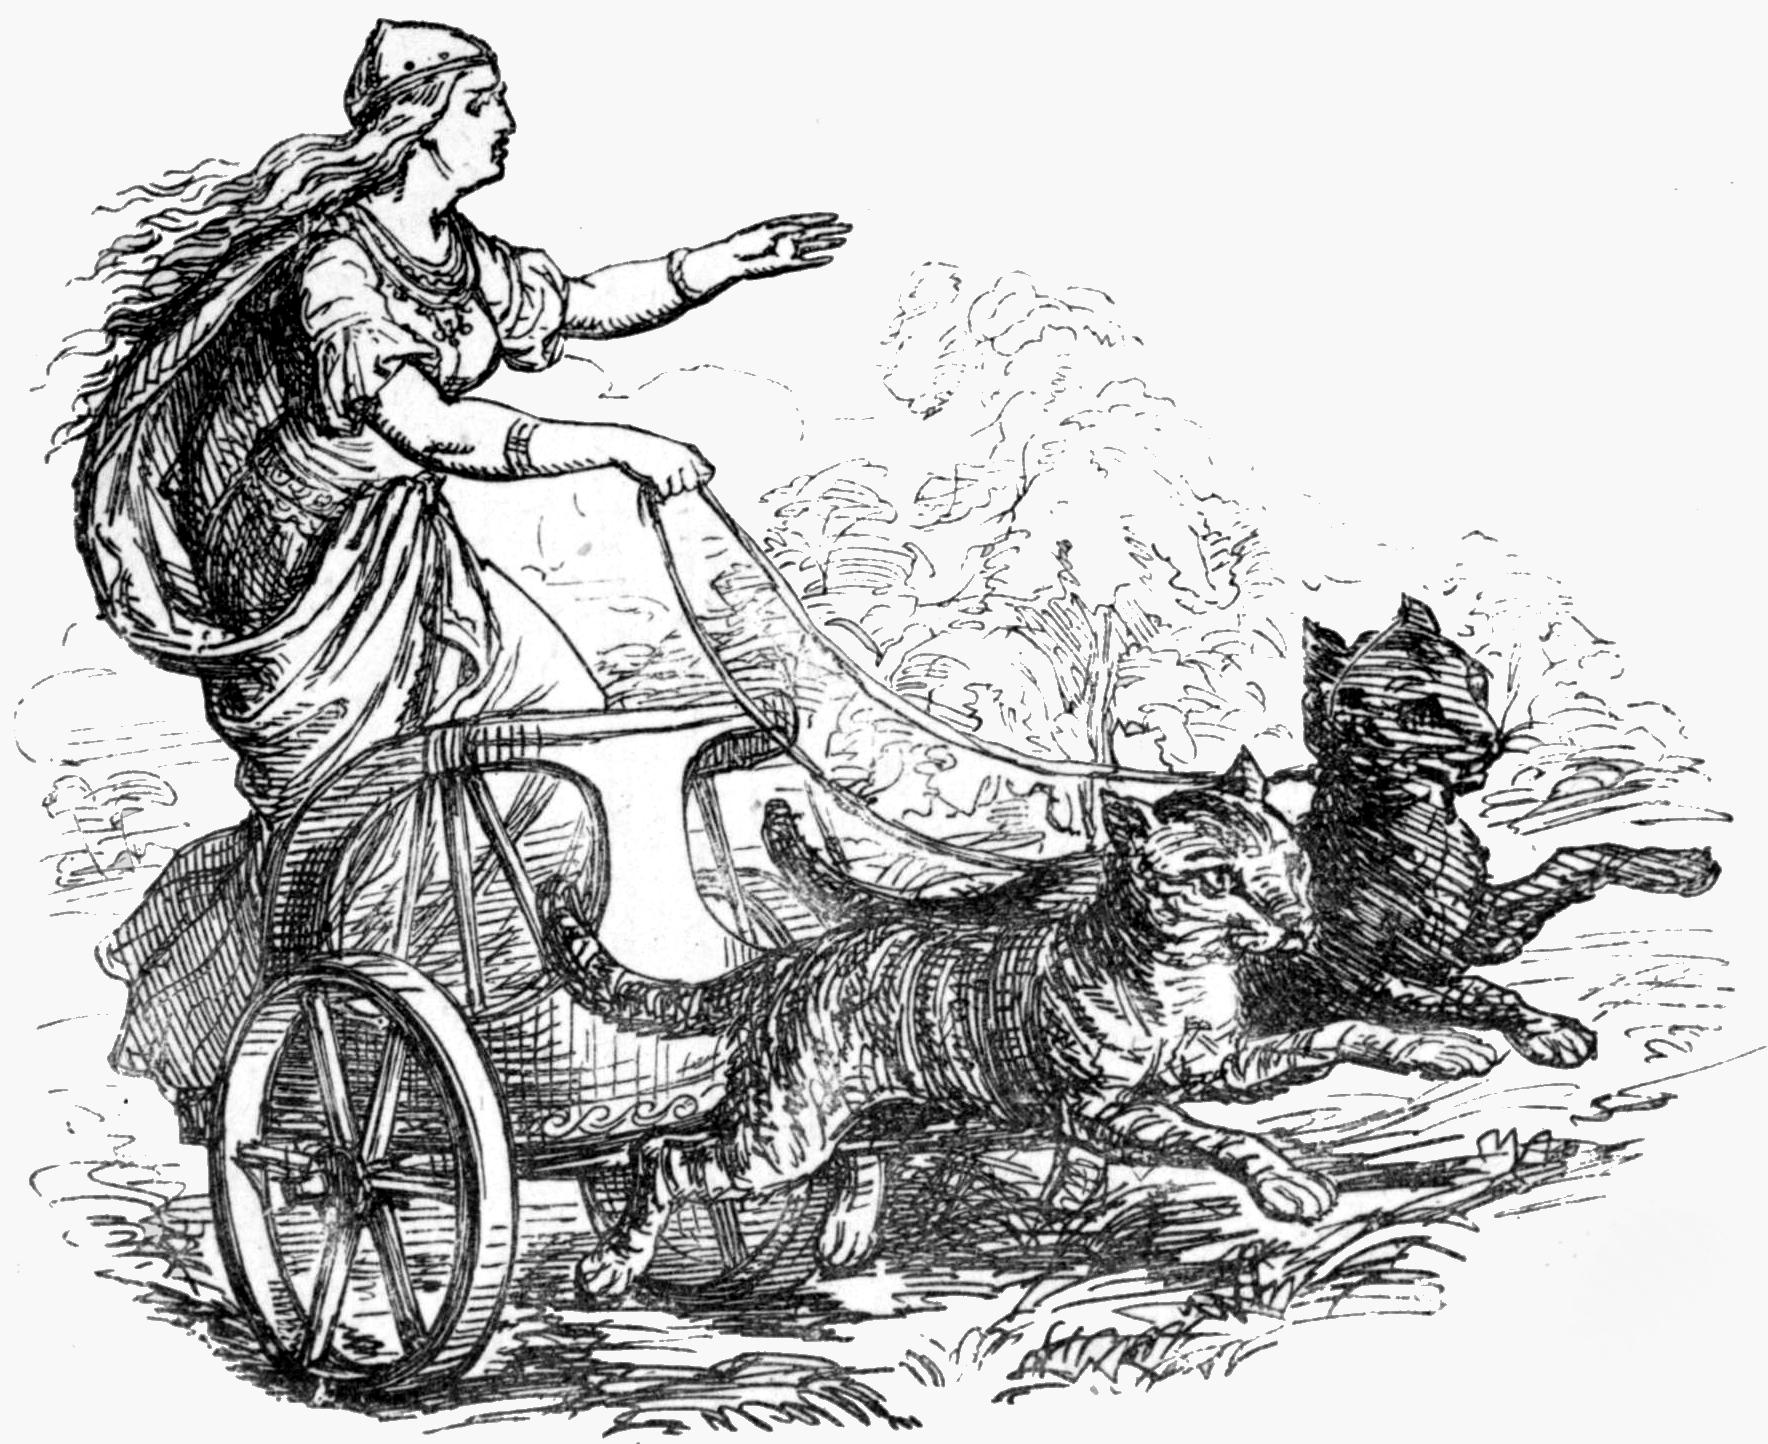 nastya naryzhnaya cat goddess scooter cat goddess scooter naked